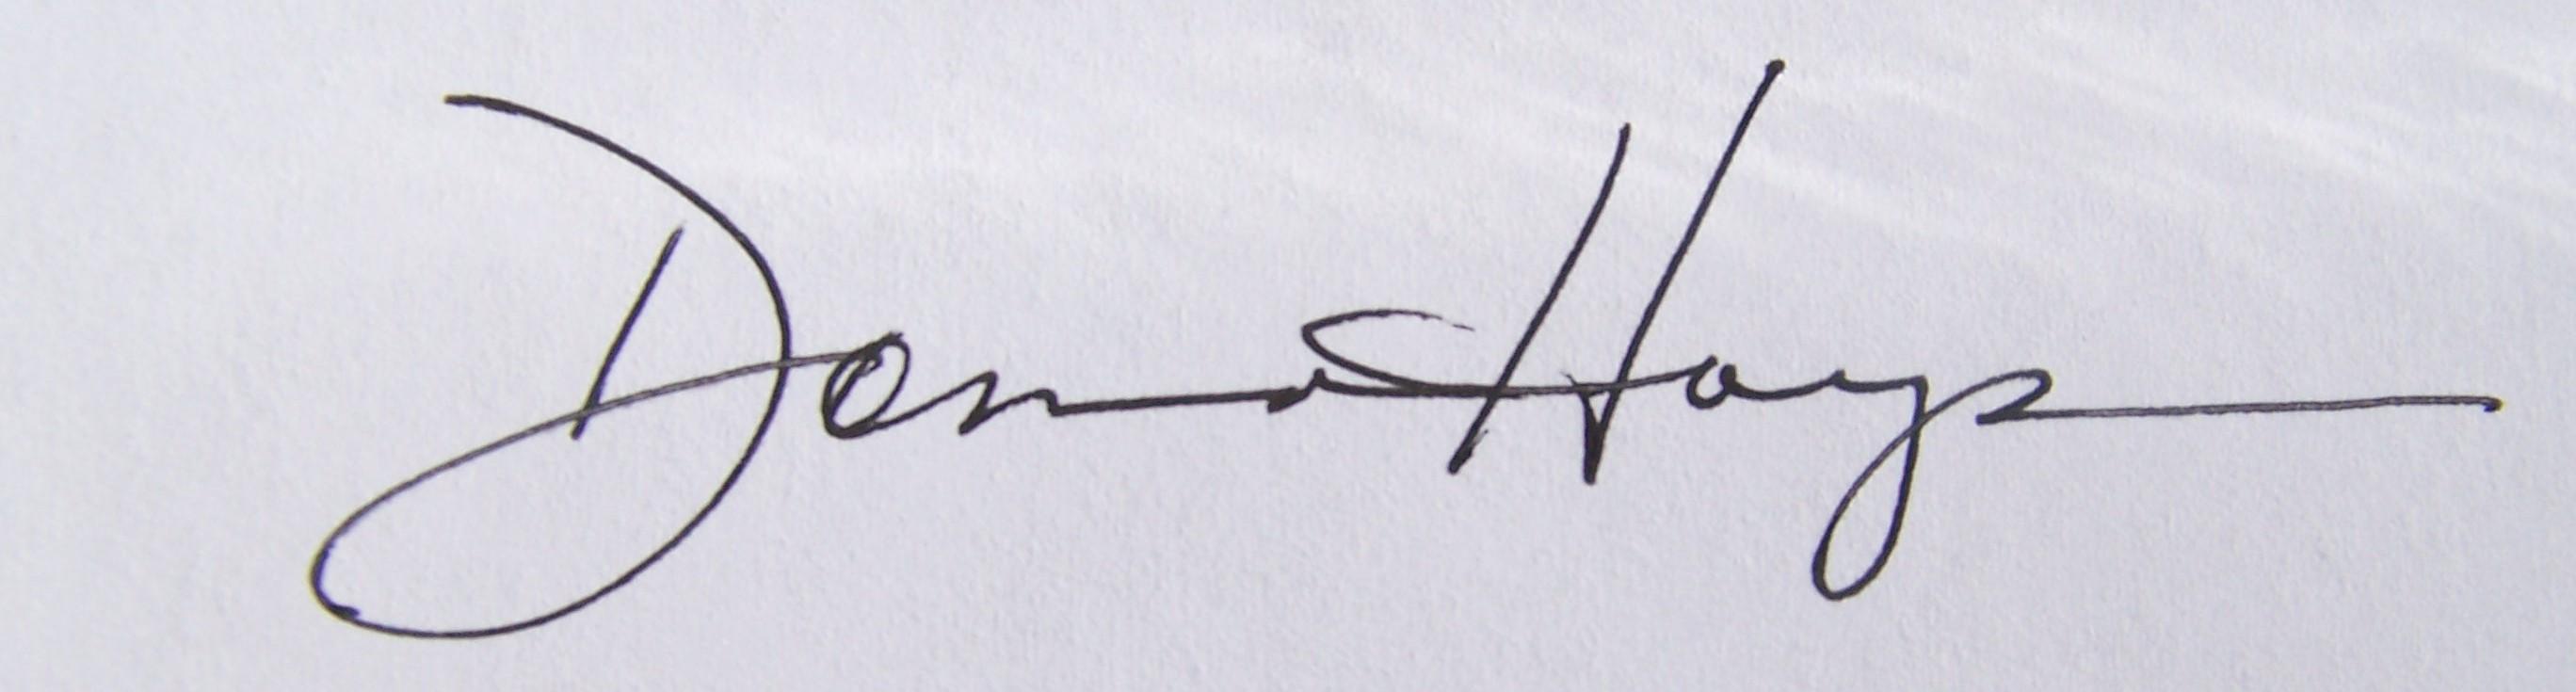 Donna Hays's Signature